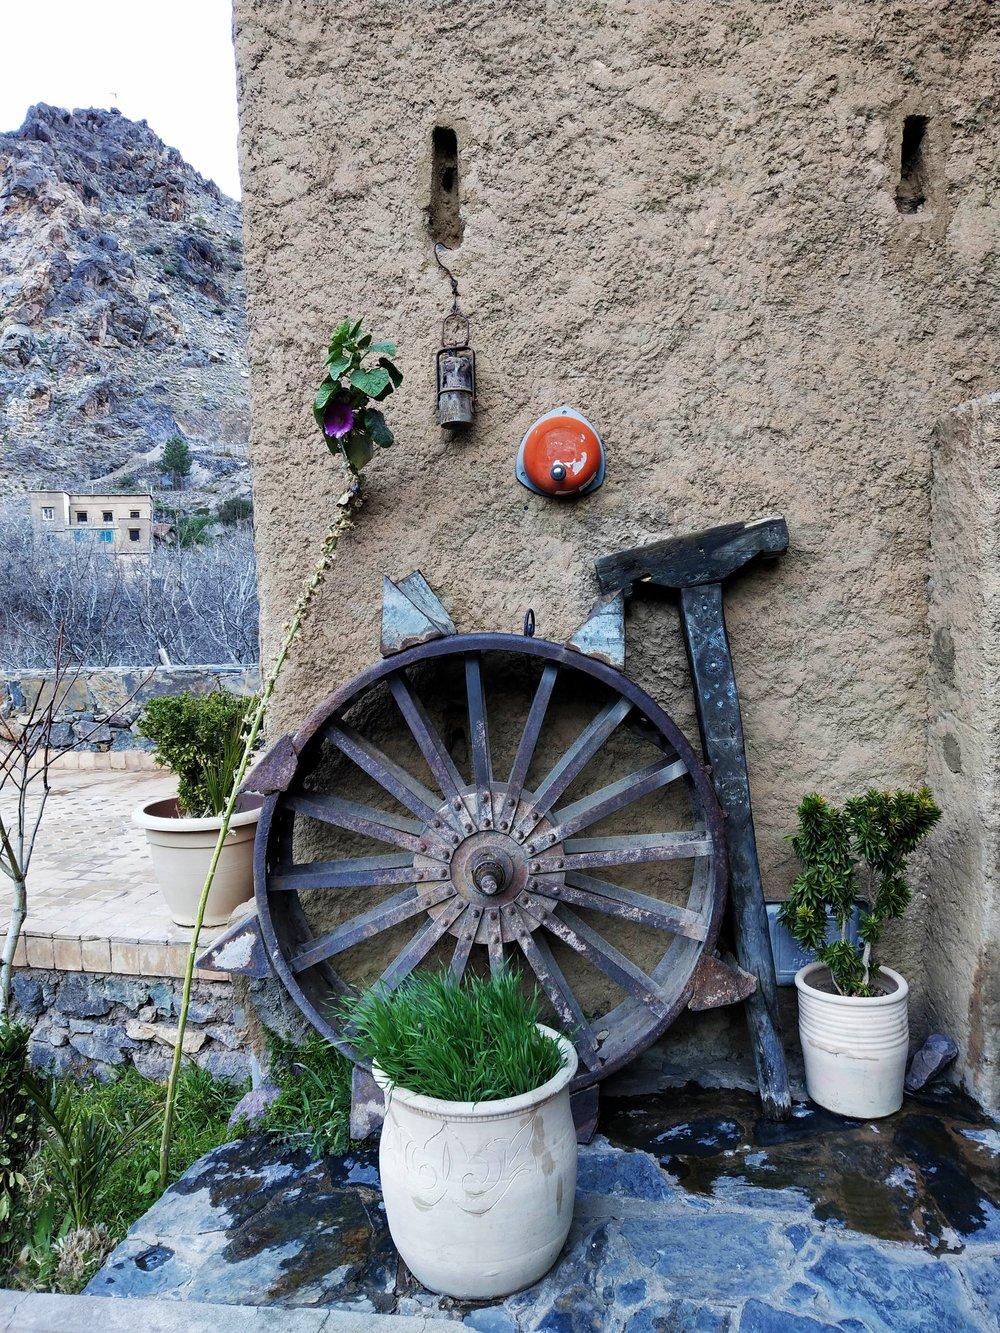 Kasbah du toubkal Morocco